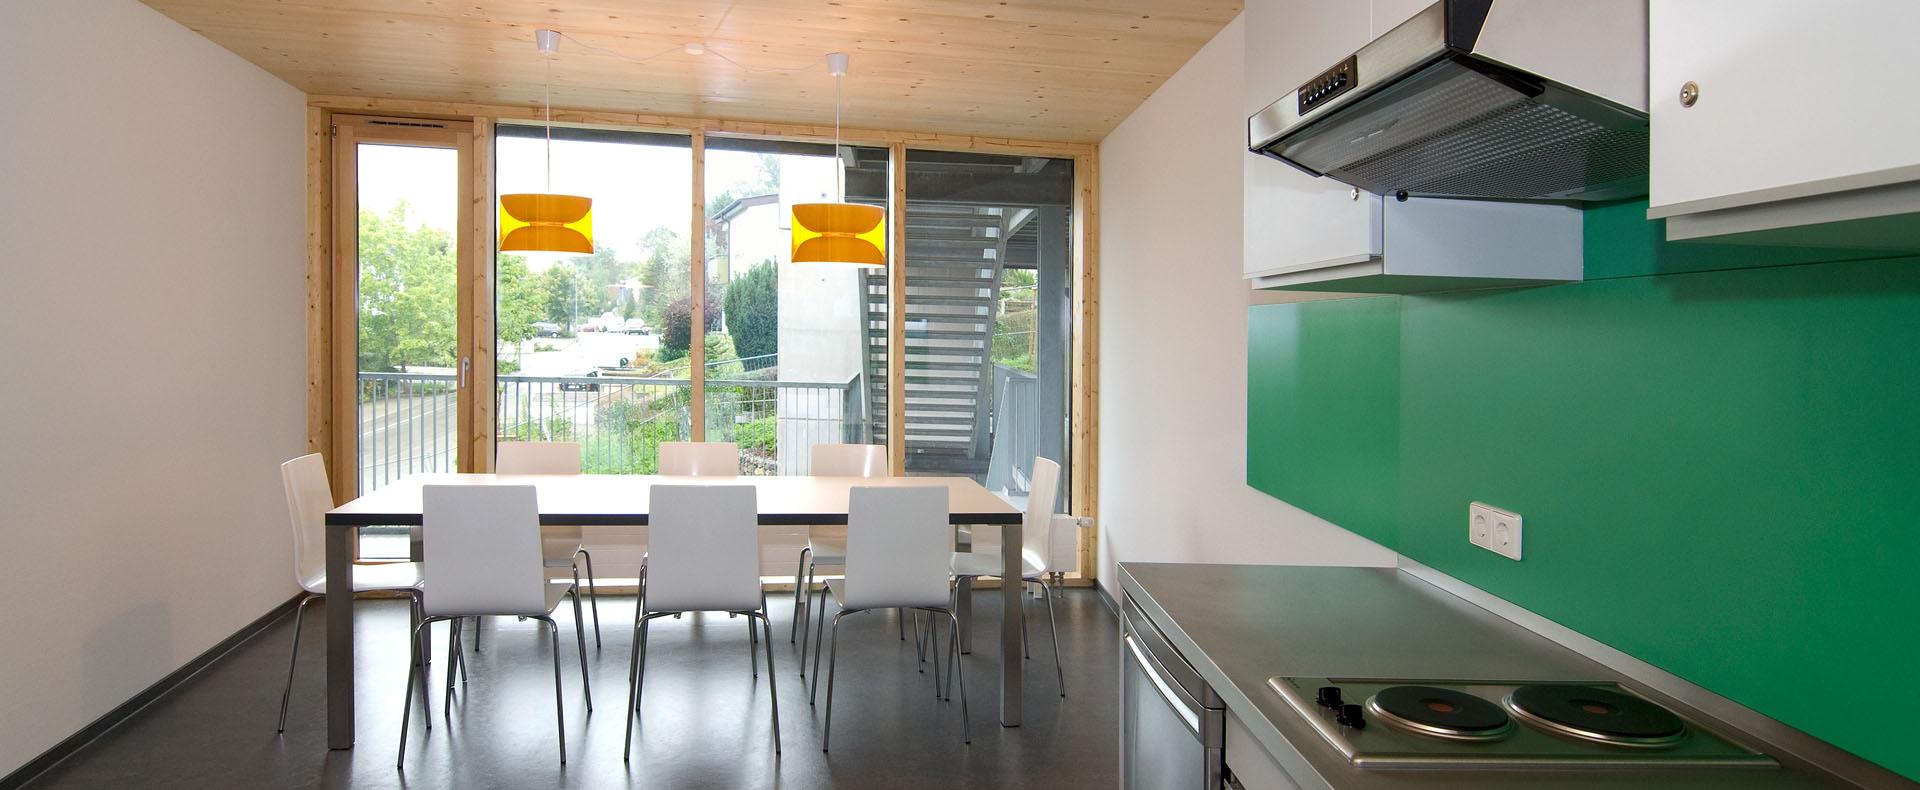 Studentenwohnheim Viktor-Renner-Straße 4 in Tübingen. Das Gebäude wurde in Holztragwerk, in hochfeuerhemmender Bauweise REI 60, Holzständerwände mit GKF beplankt. 100 % regenerative Energien durch Holzpelletheizung und Sonnenkollektoren Kfw 40